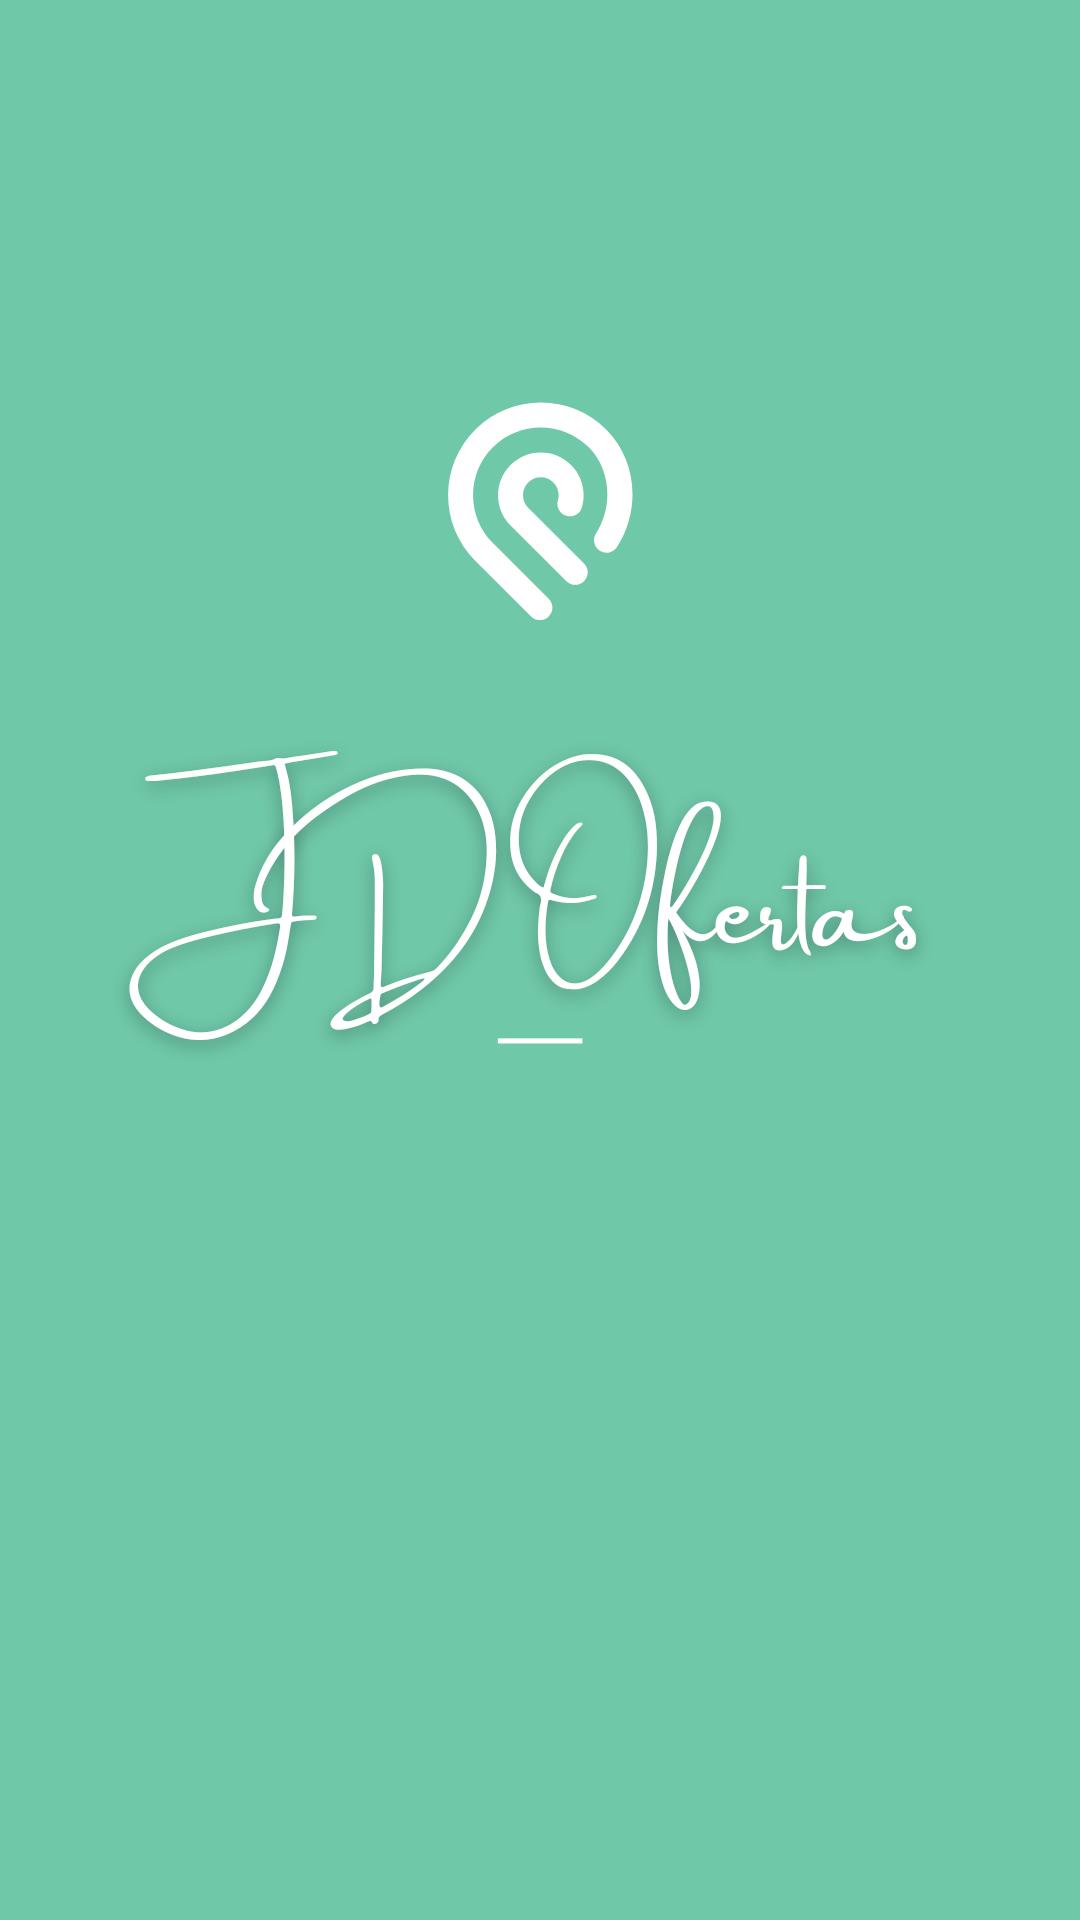 JD Ofertas